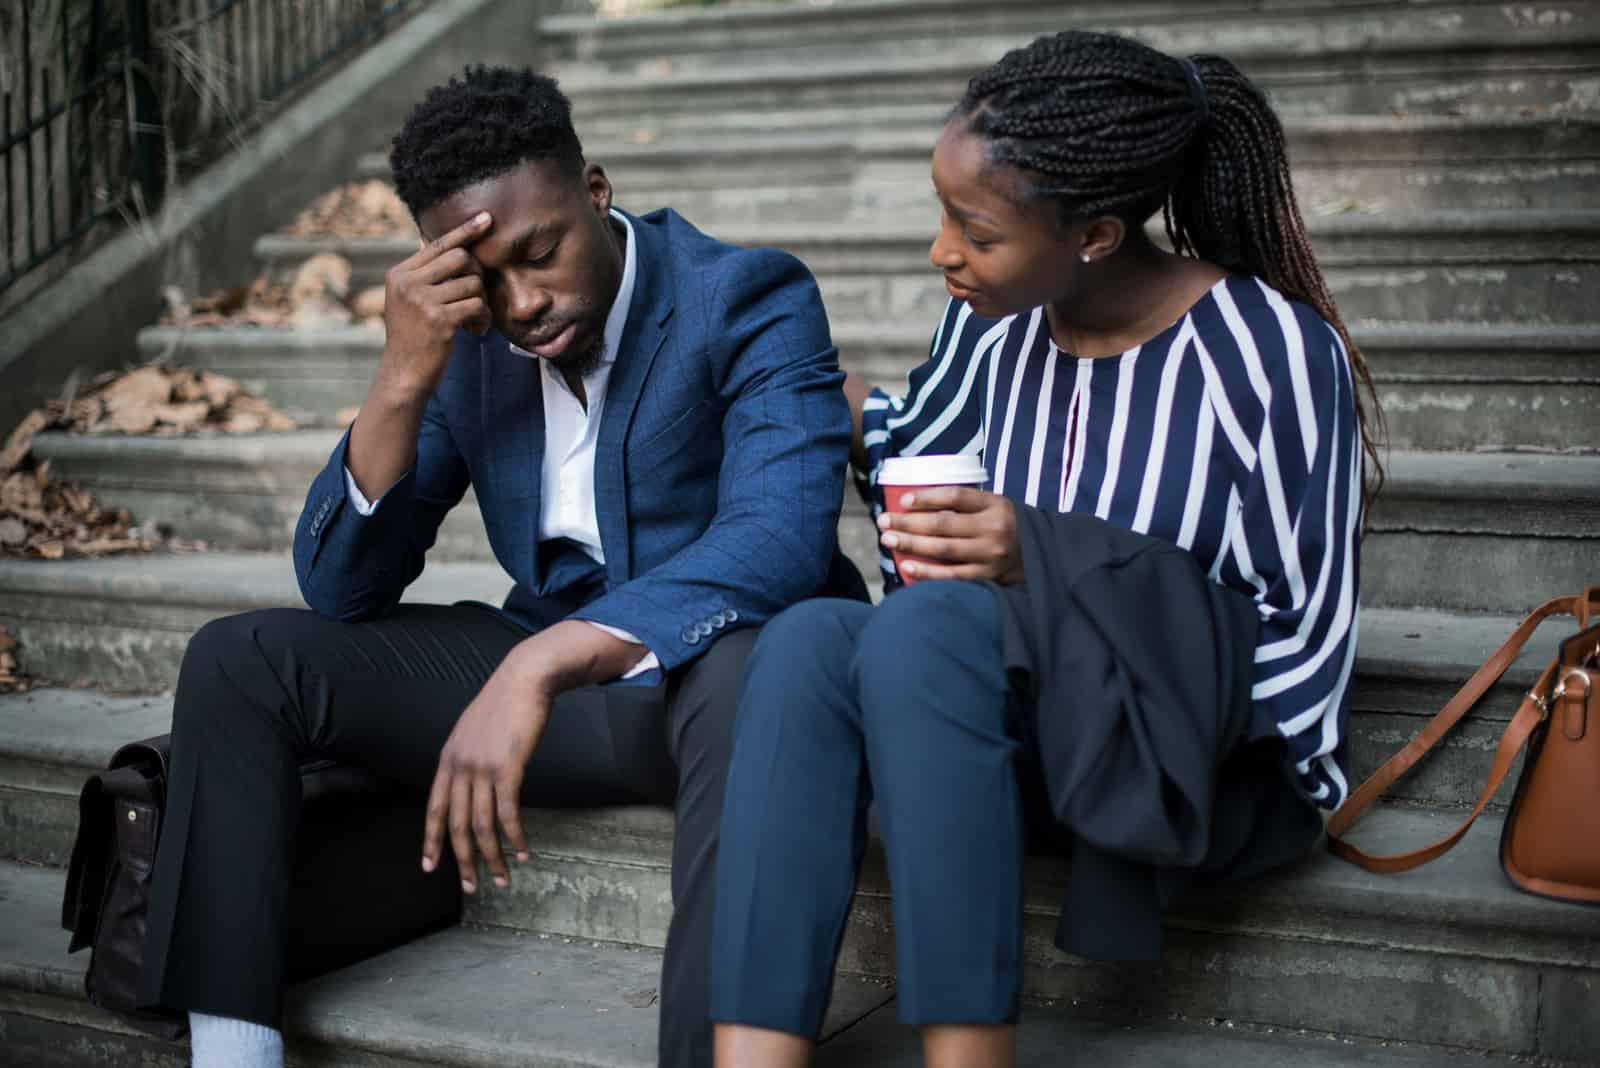 un homme et une femme s'assoient dans les escaliers pendant qu'elle le réconforte